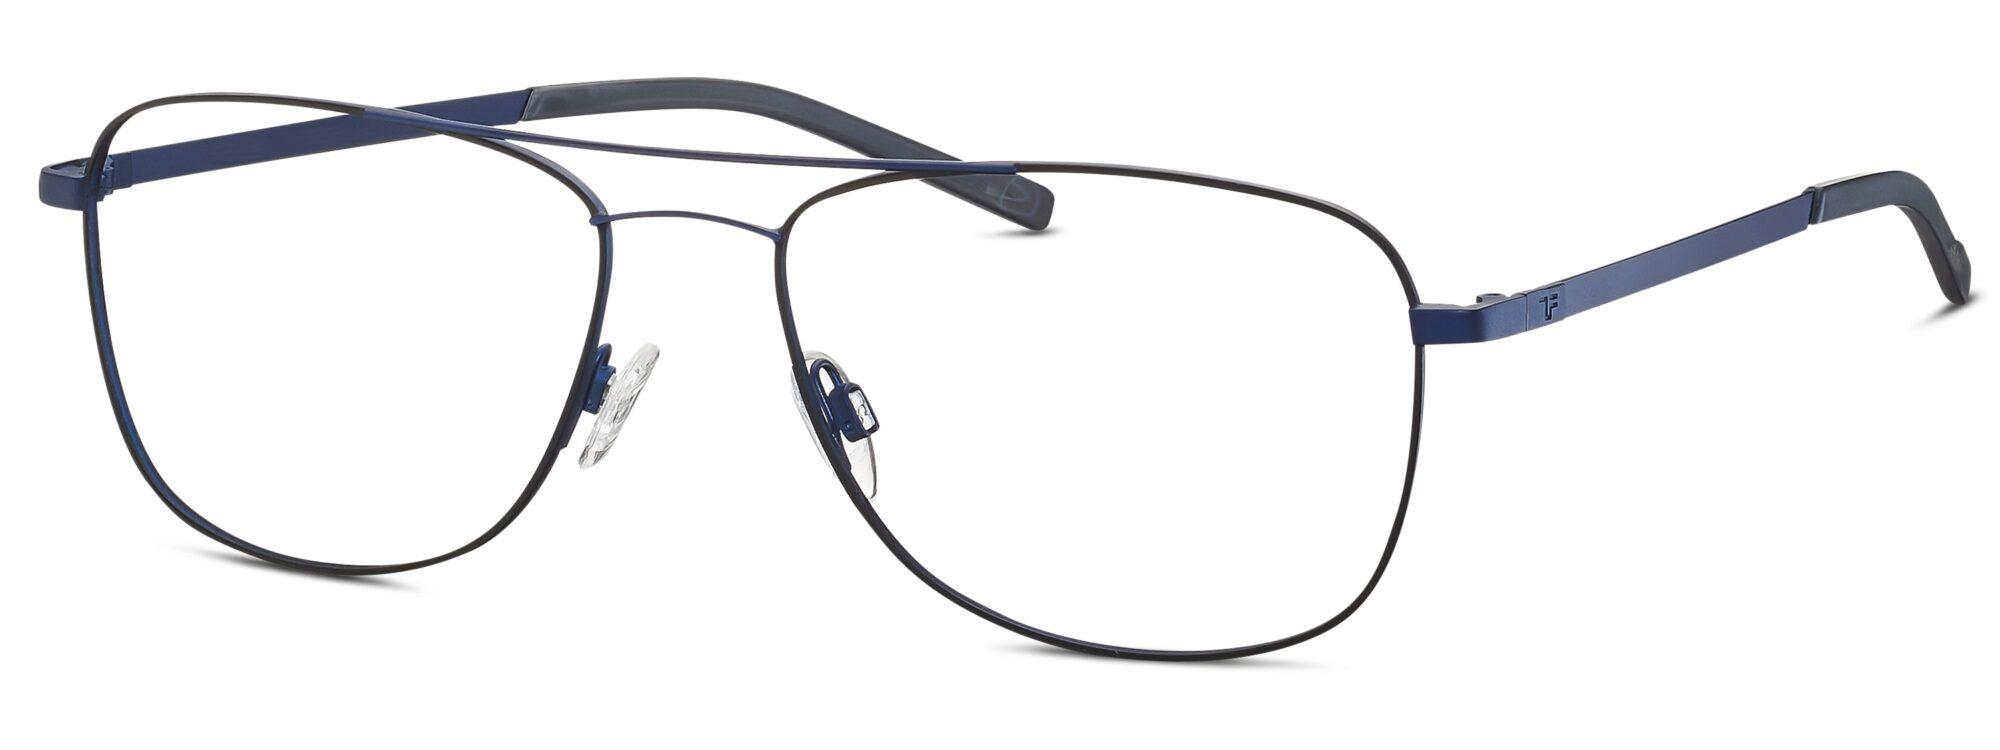 TITANFLEX - 820812-70